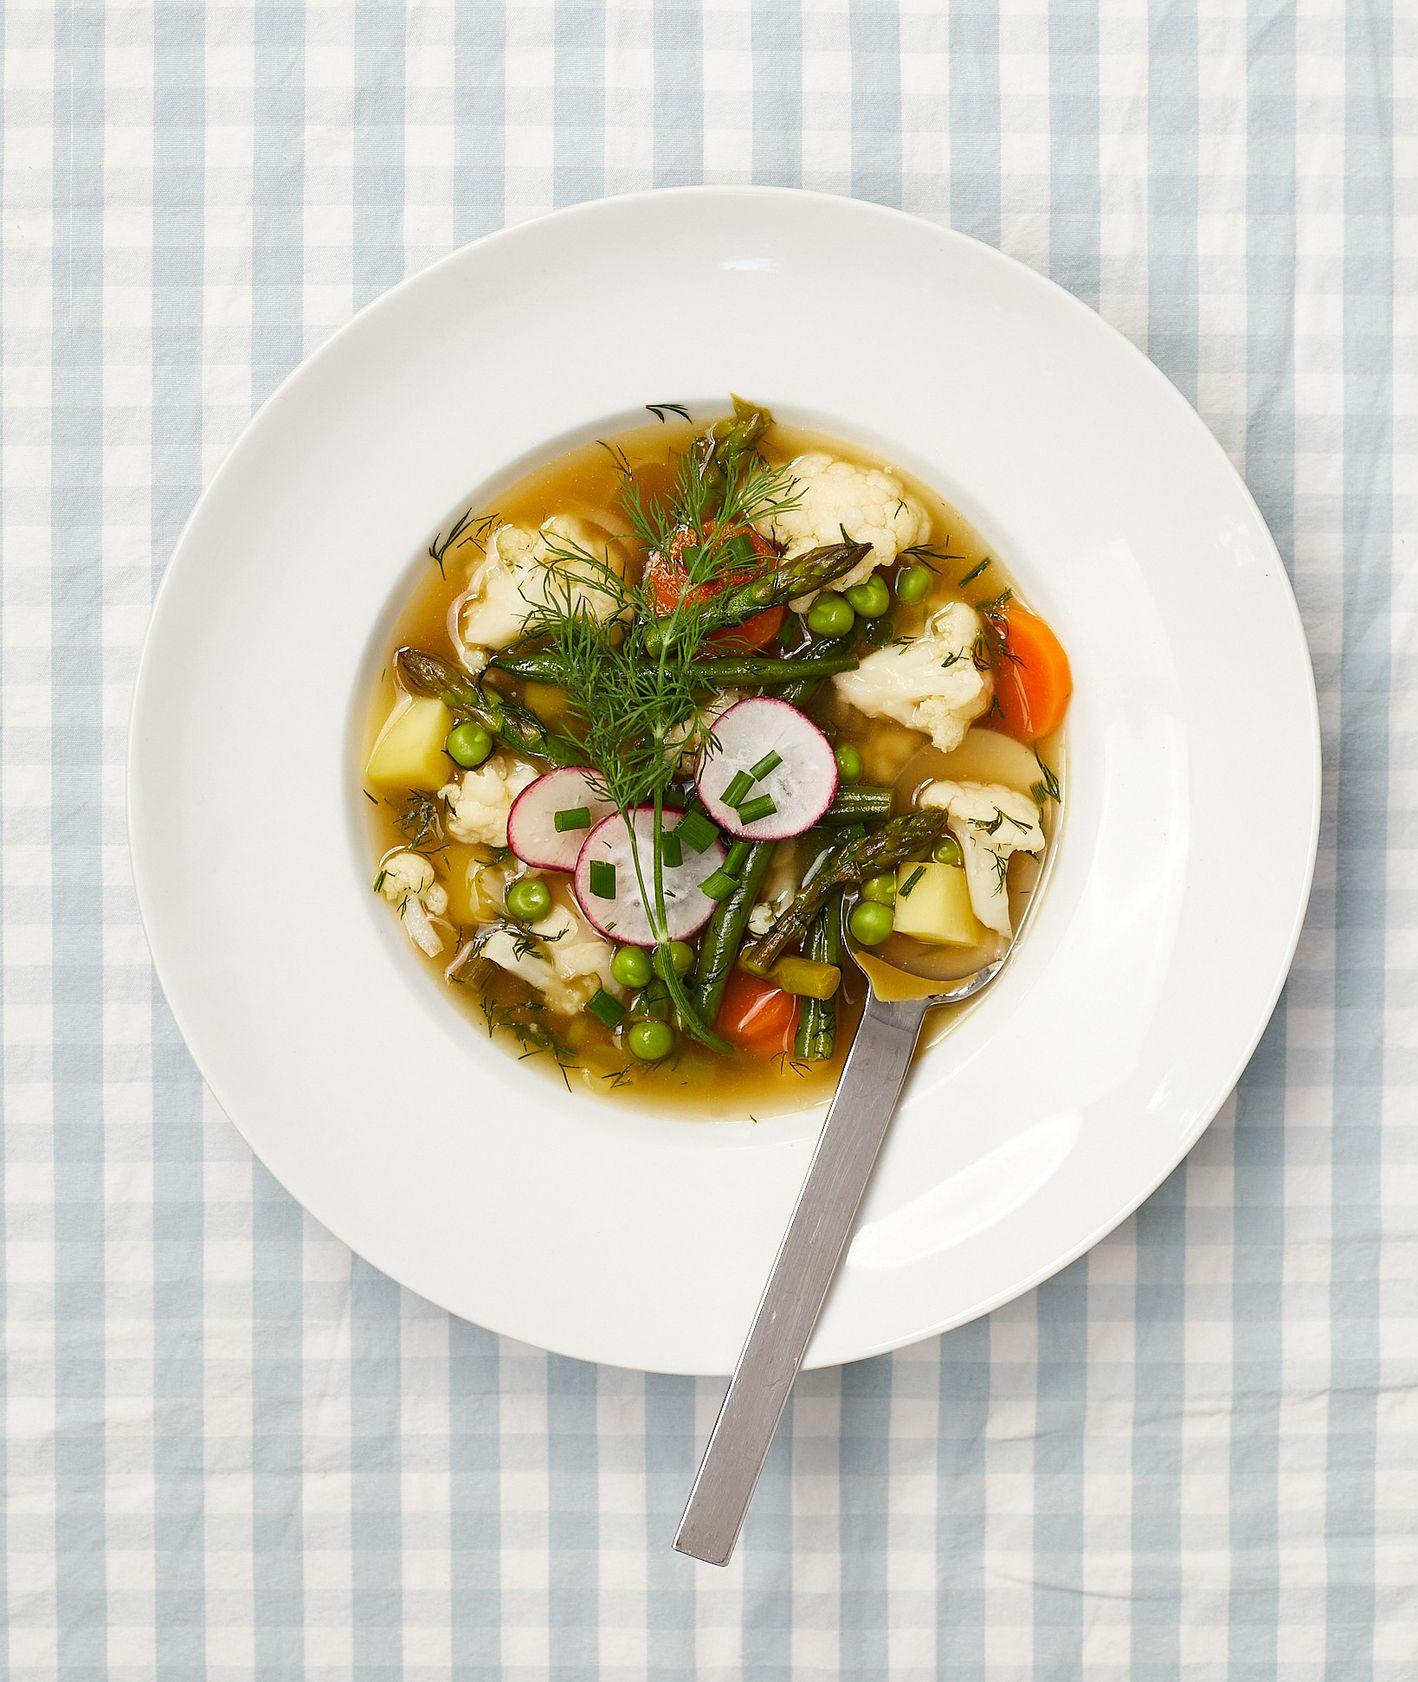 Wiosenna zupa jarzynowa (fot. Maciek Niemojewski)